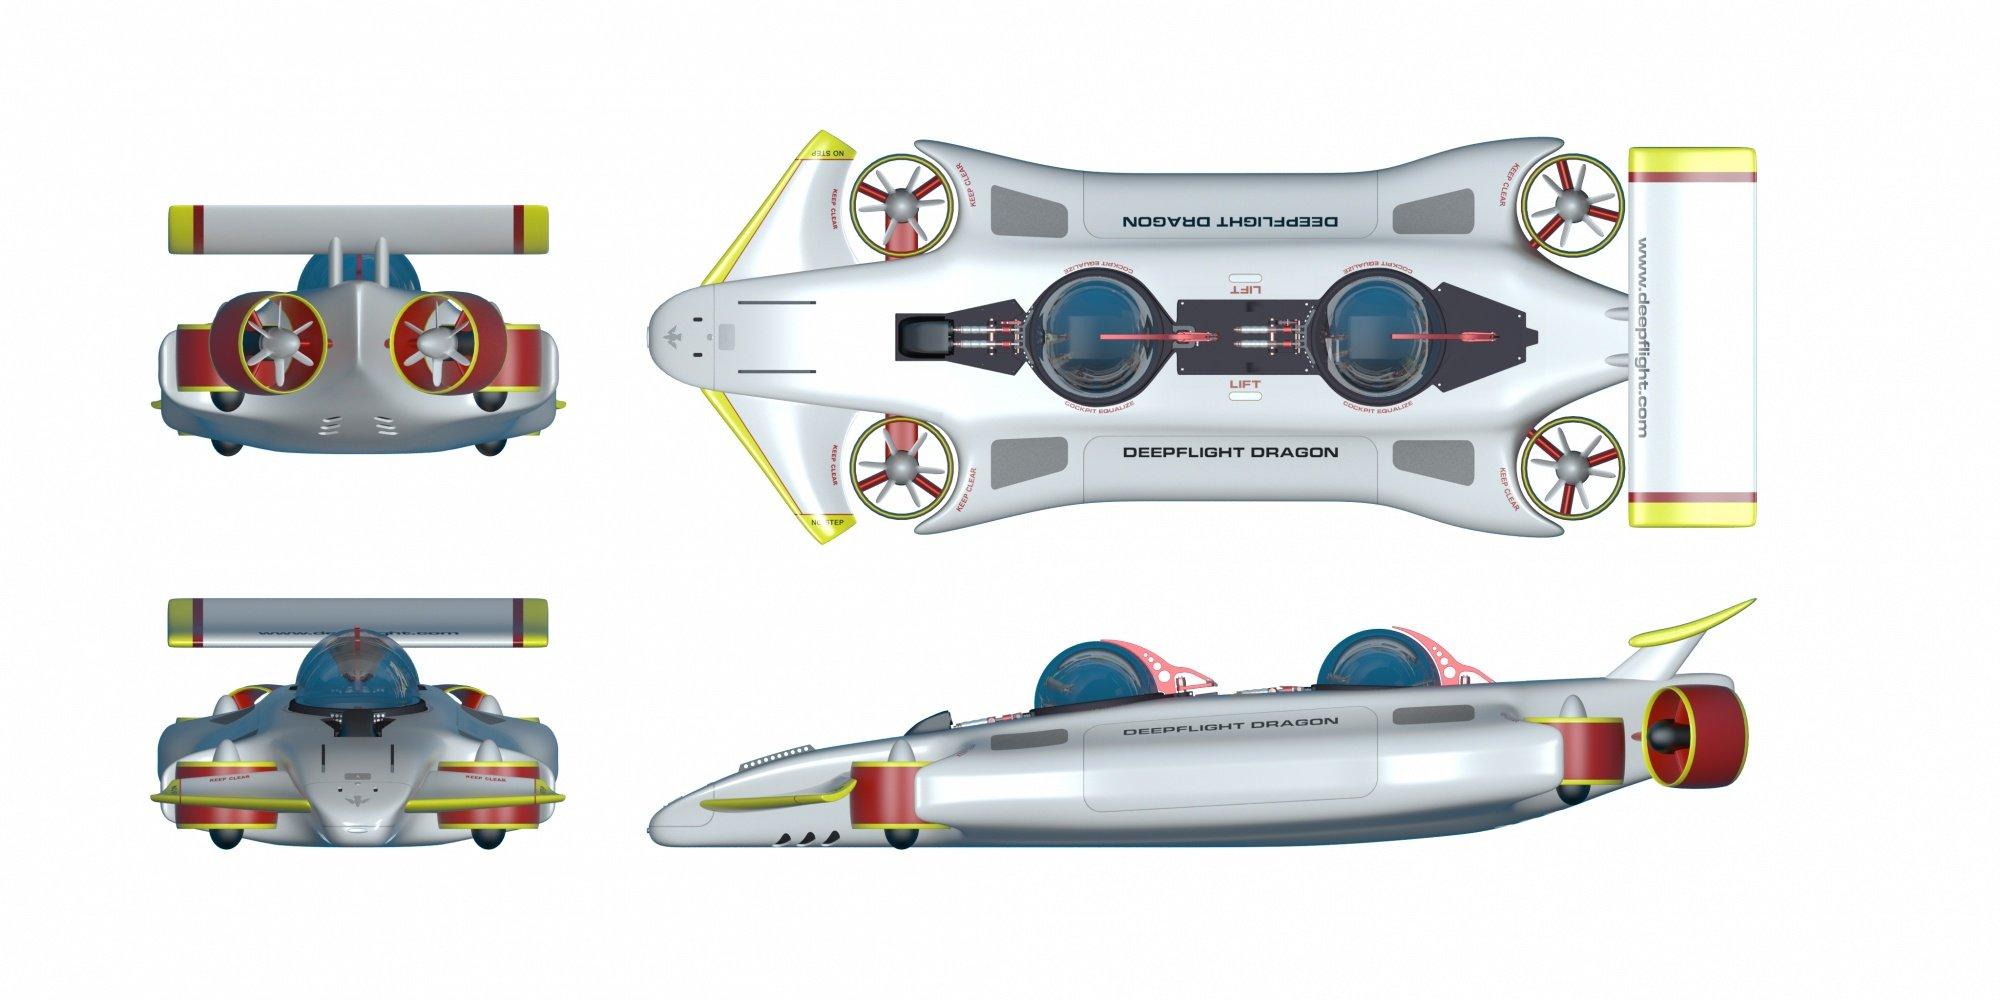 1,5 Millionen US-Dollar kostet das U-Boot Dragon. Hersteller DeepFlight verspricht Sicherheit: Wird der elektrische Batterie-Antrieb abgeschaltet, steigt das Gefährt durch den eigenen Auftrieb zur Oberfläche.